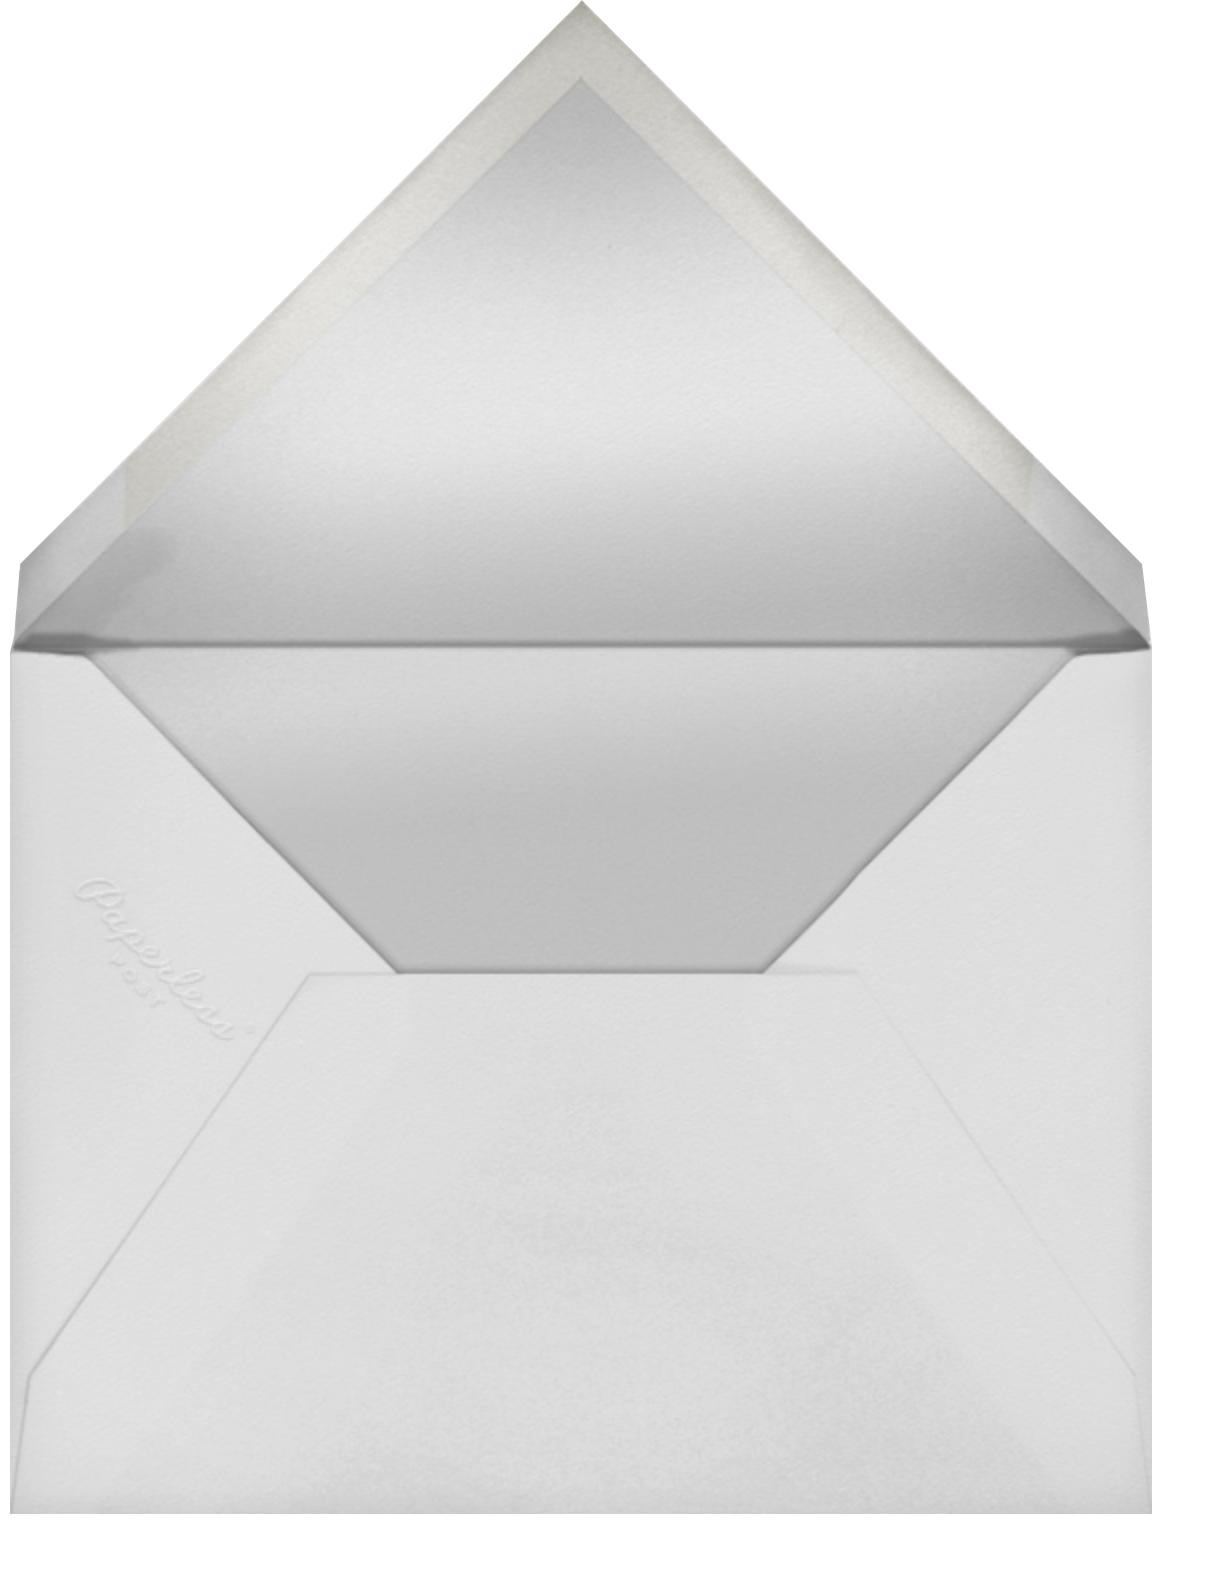 Benares (Menu) - Caribbean - Paperless Post - Menus - envelope back